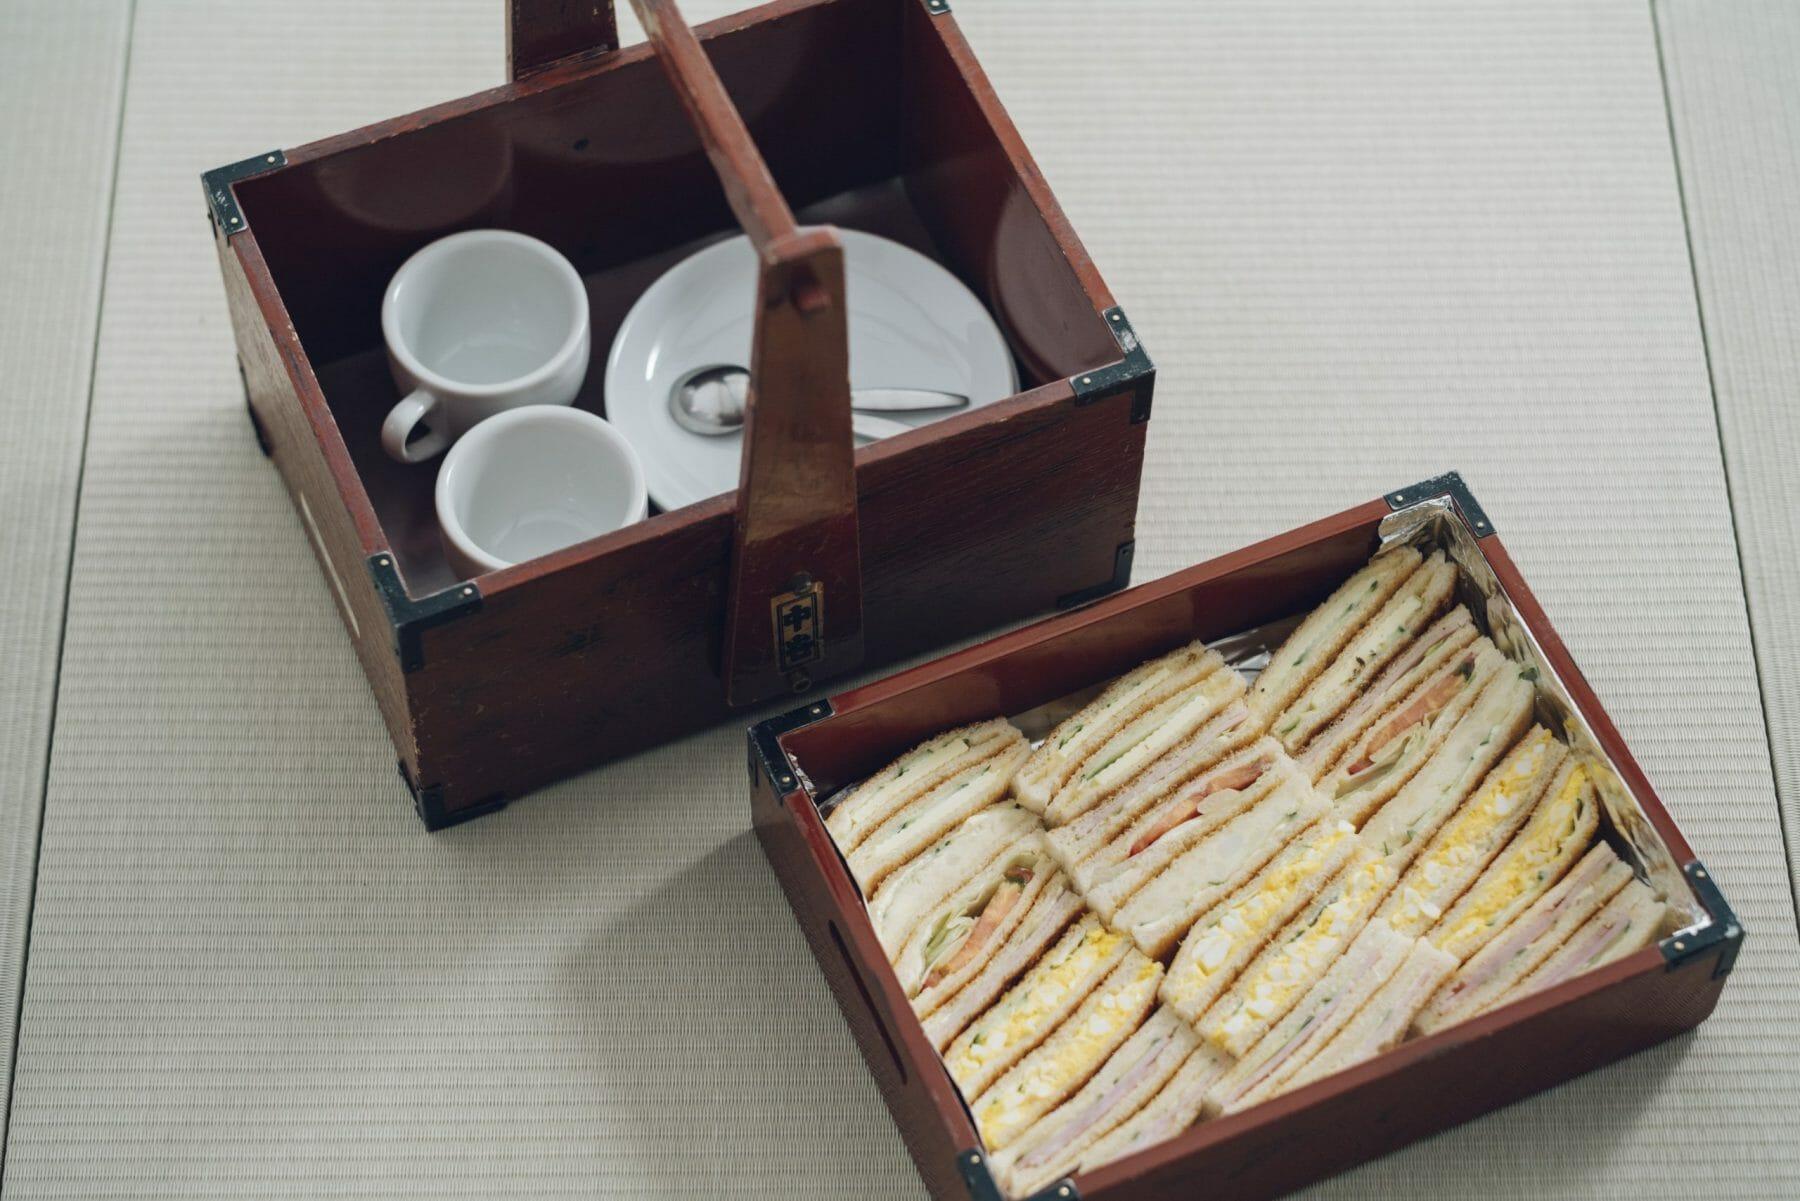 和食にするかサンドイッチにするか。価格や注文方法はフロントに問い合わせを。